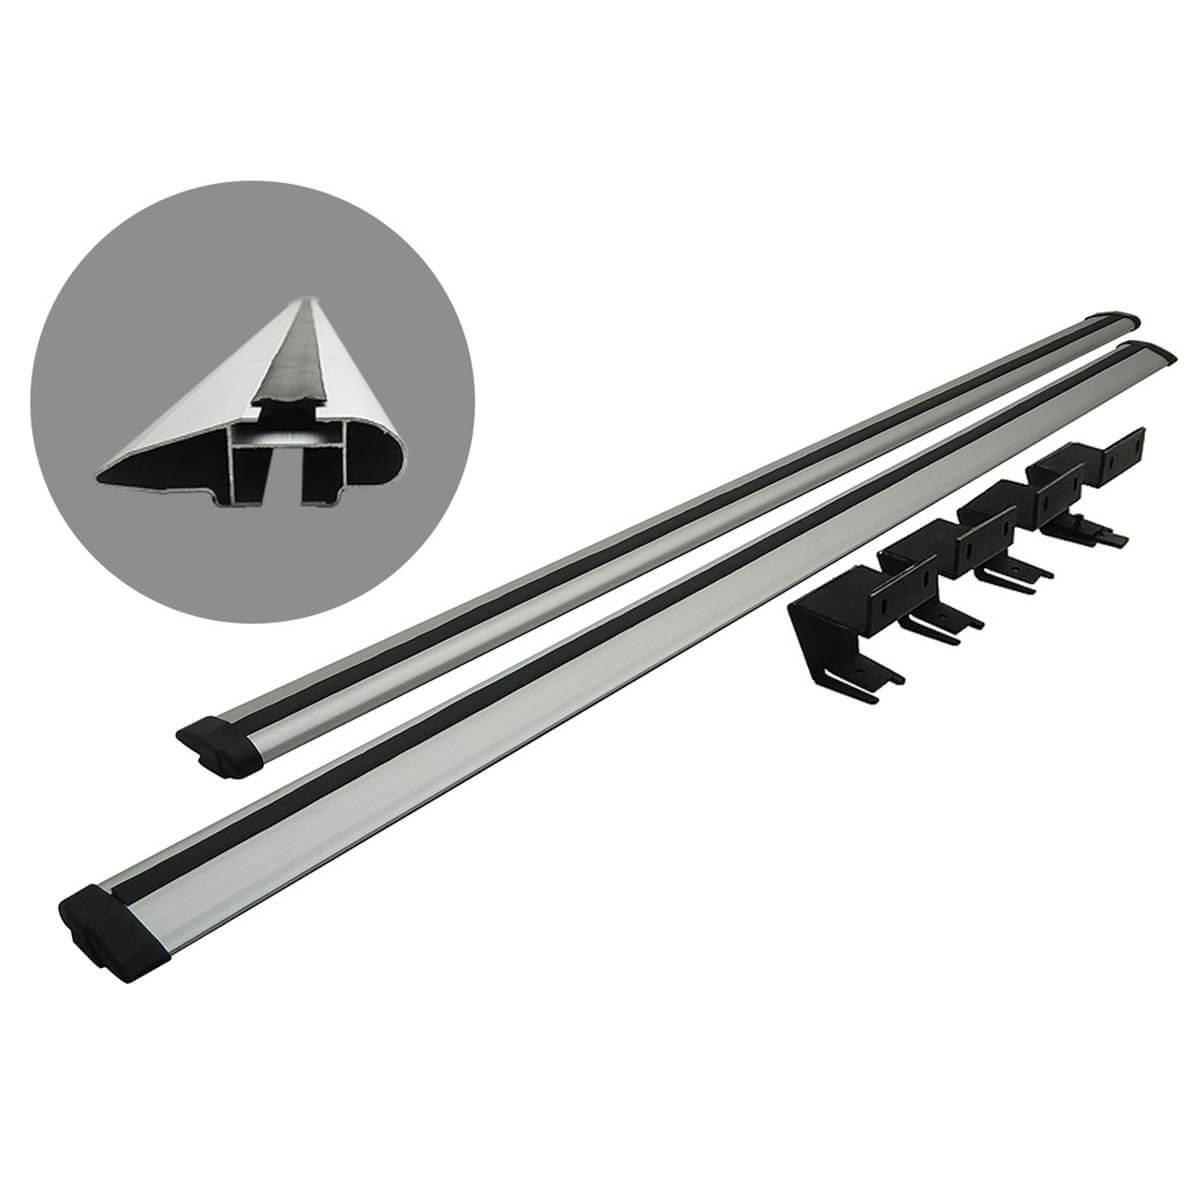 Rack de caçamba em alumínio S10 1995 a 2011